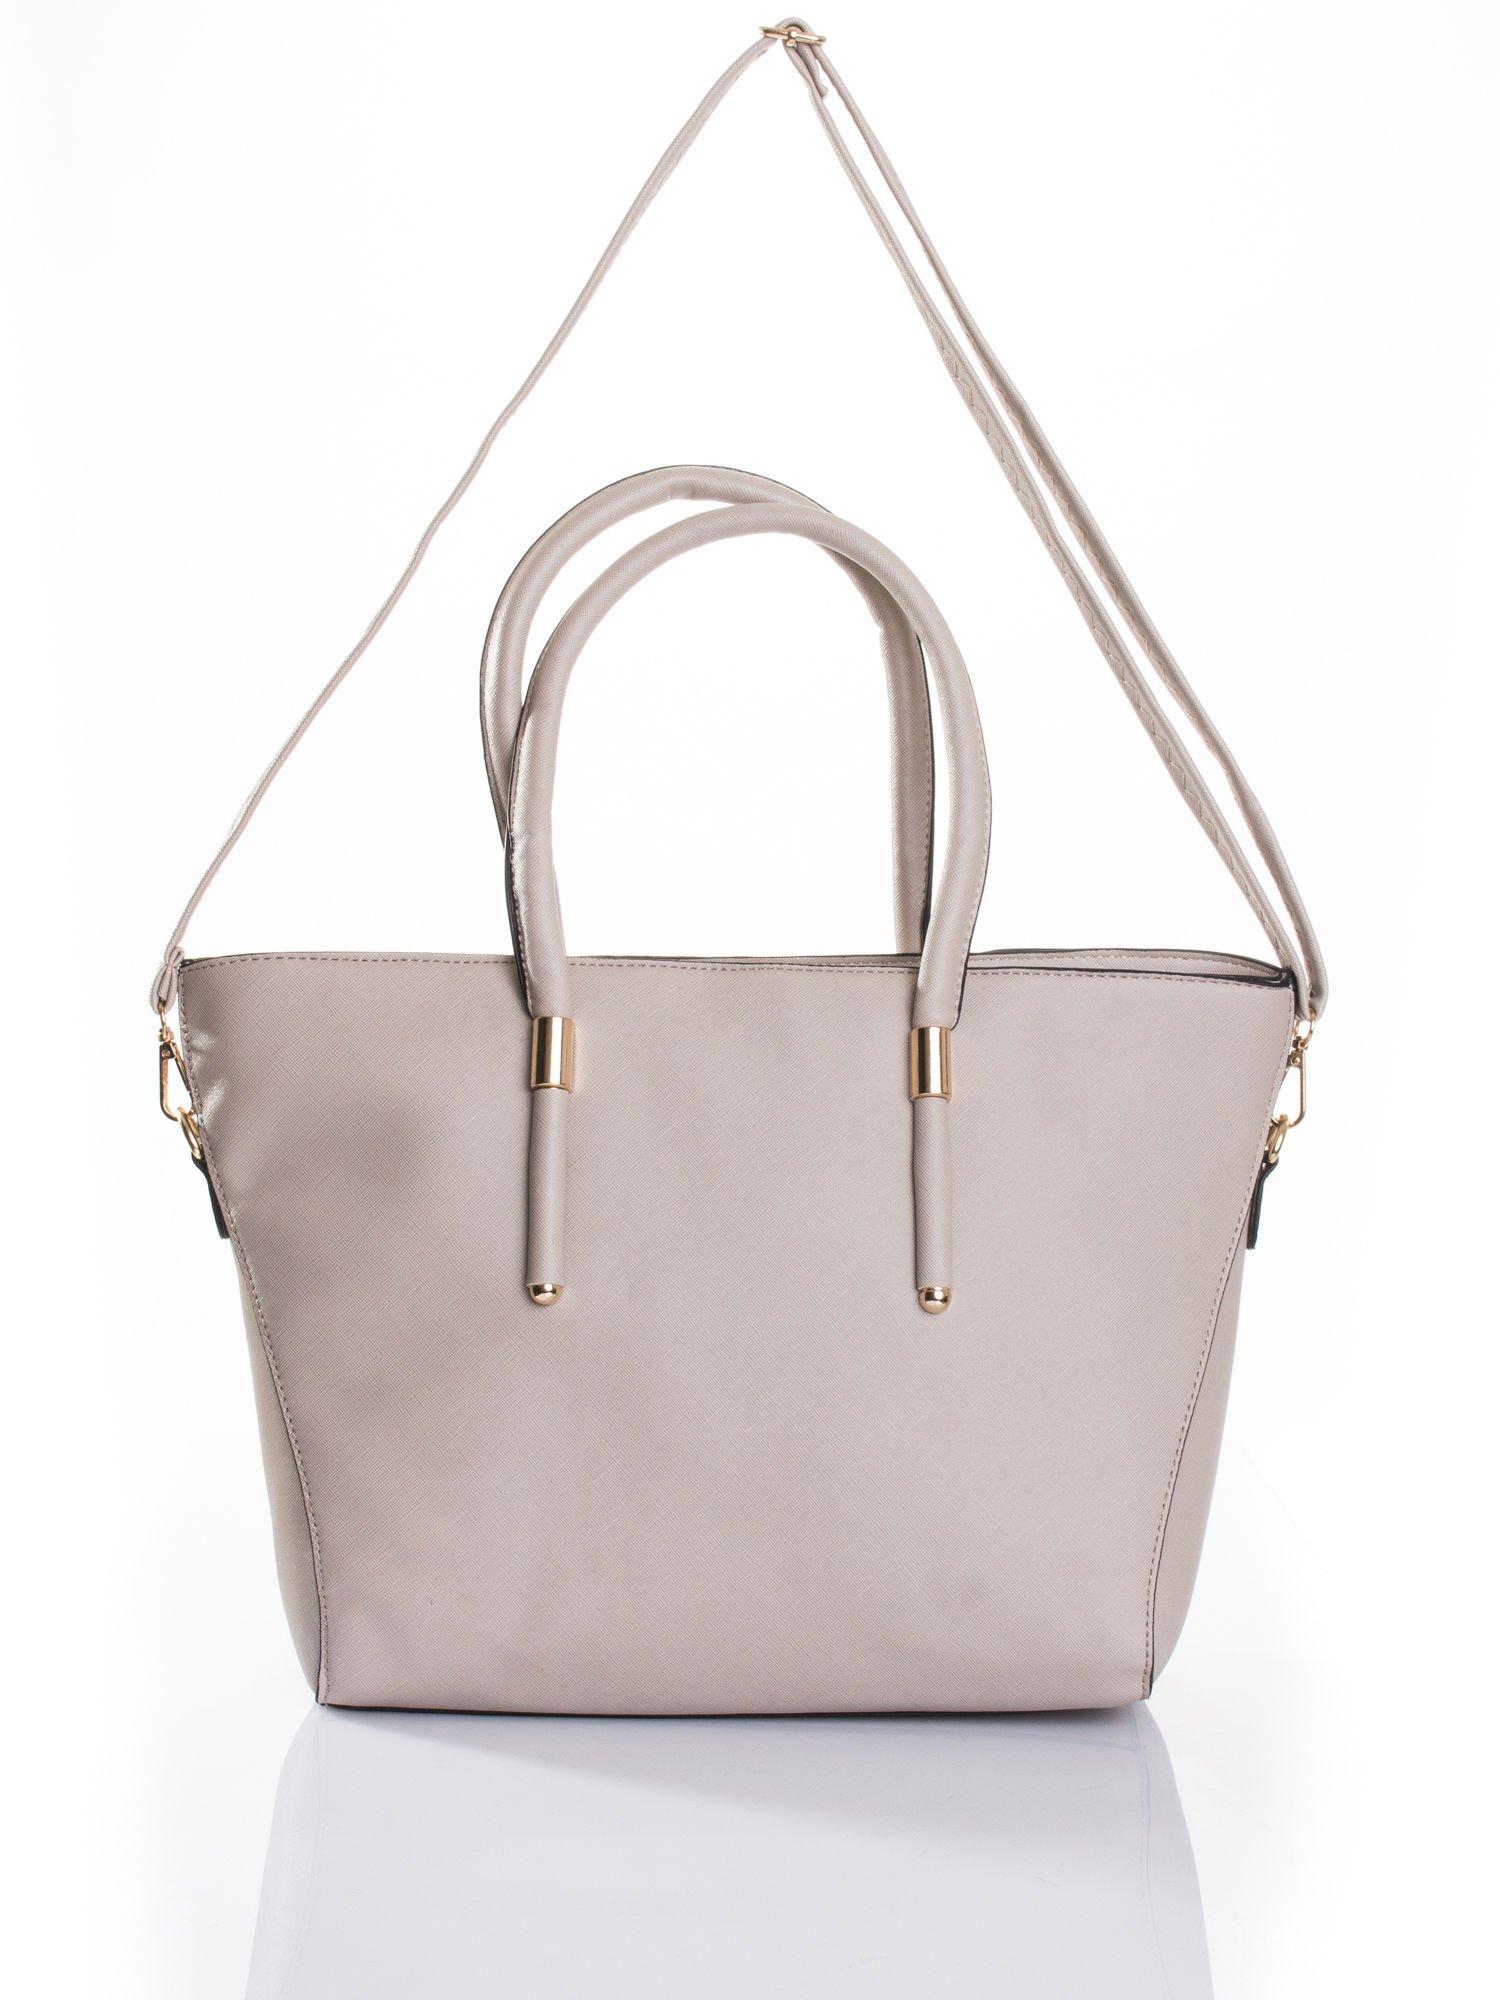 Jasnobeżowa torba shopper efekt saffiano                                  zdj.                                  4